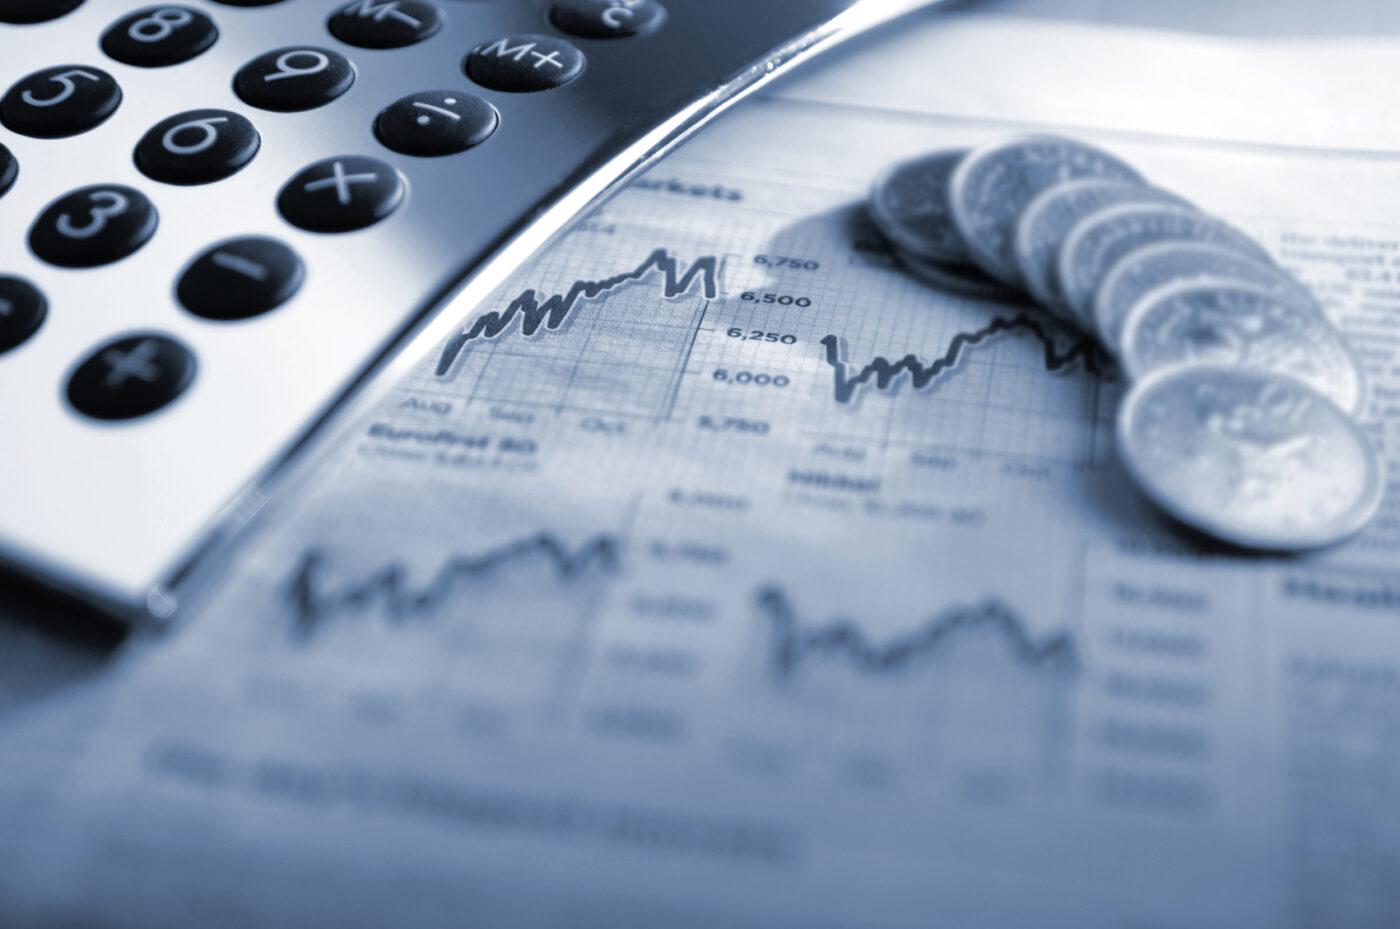 Tesouro Nacional registra déficit de R$ 8,2 bilhão em junho